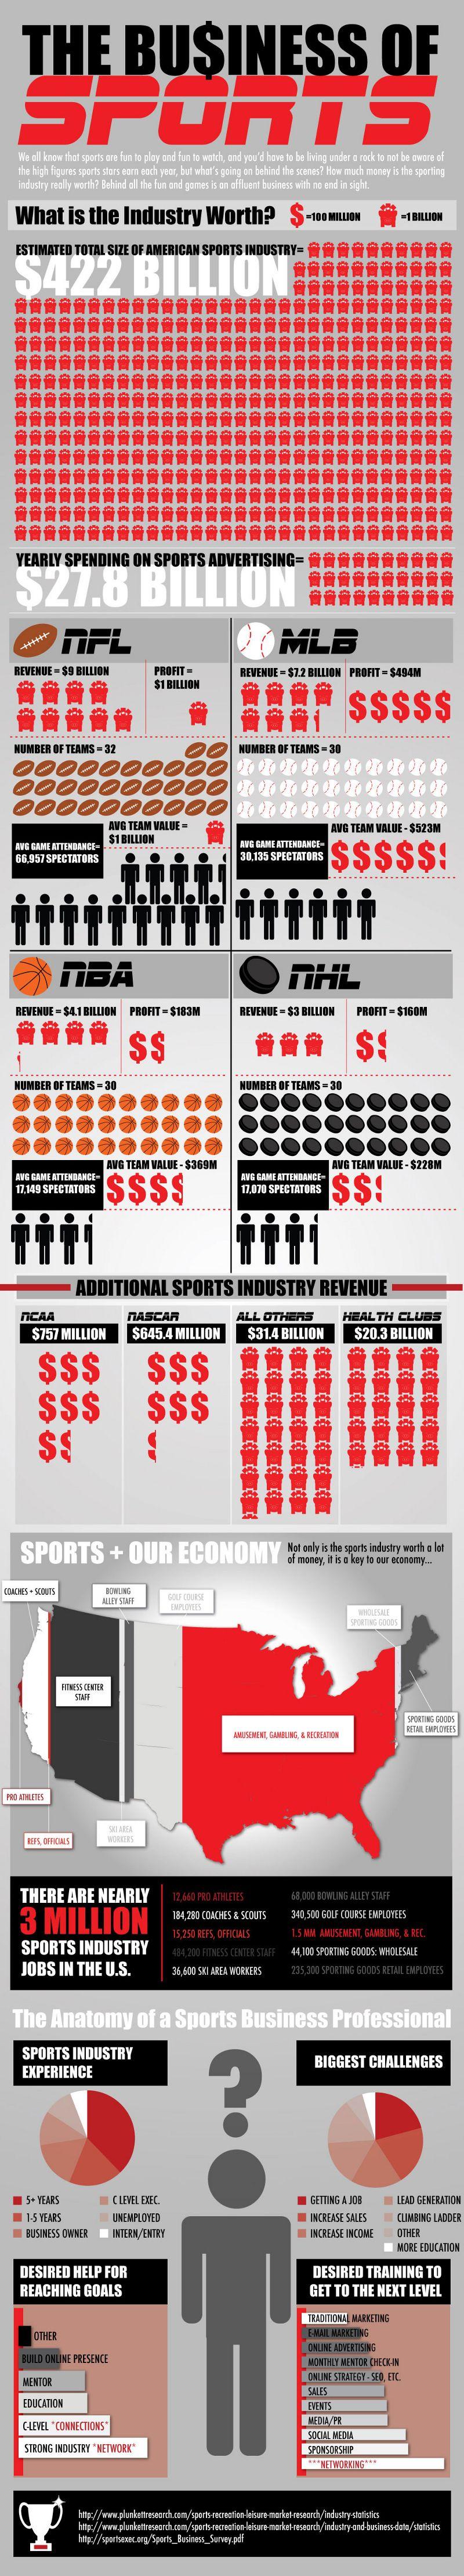 Sports betting slogans john bettinger kirkland